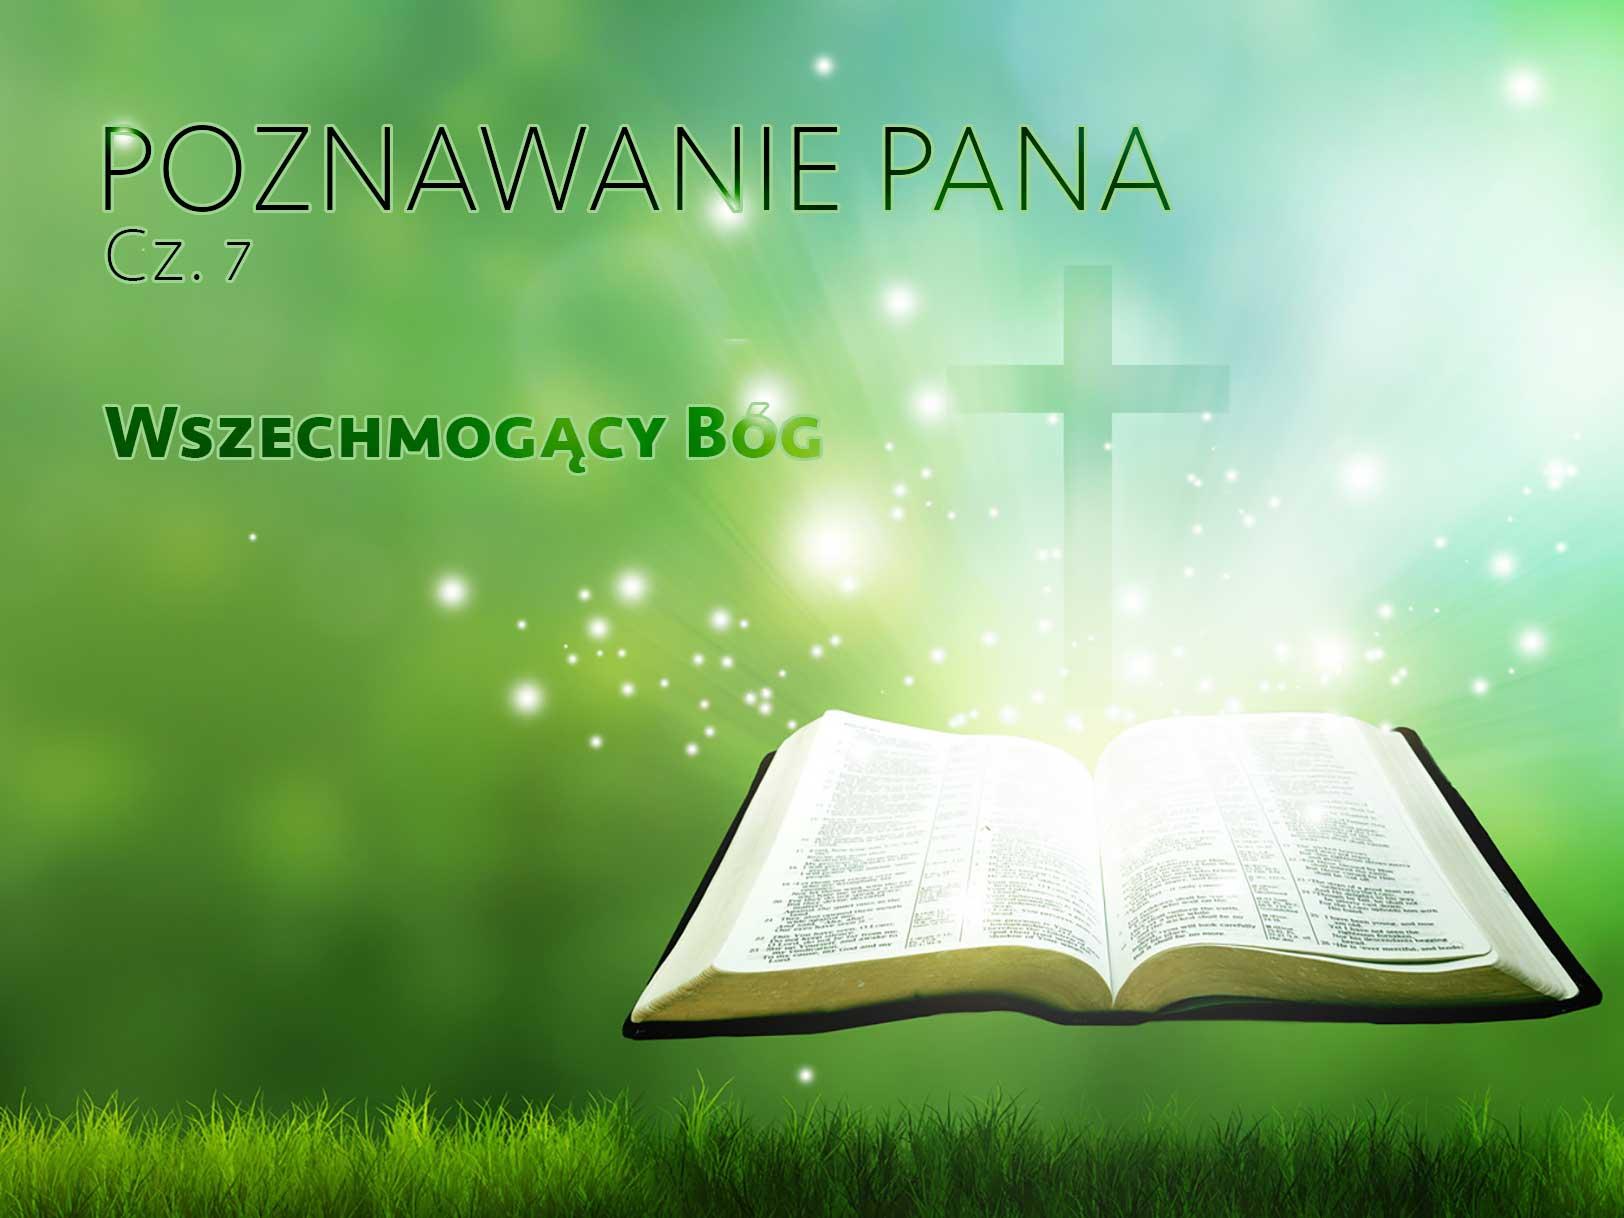 POZNAWANIE PANA cz.7